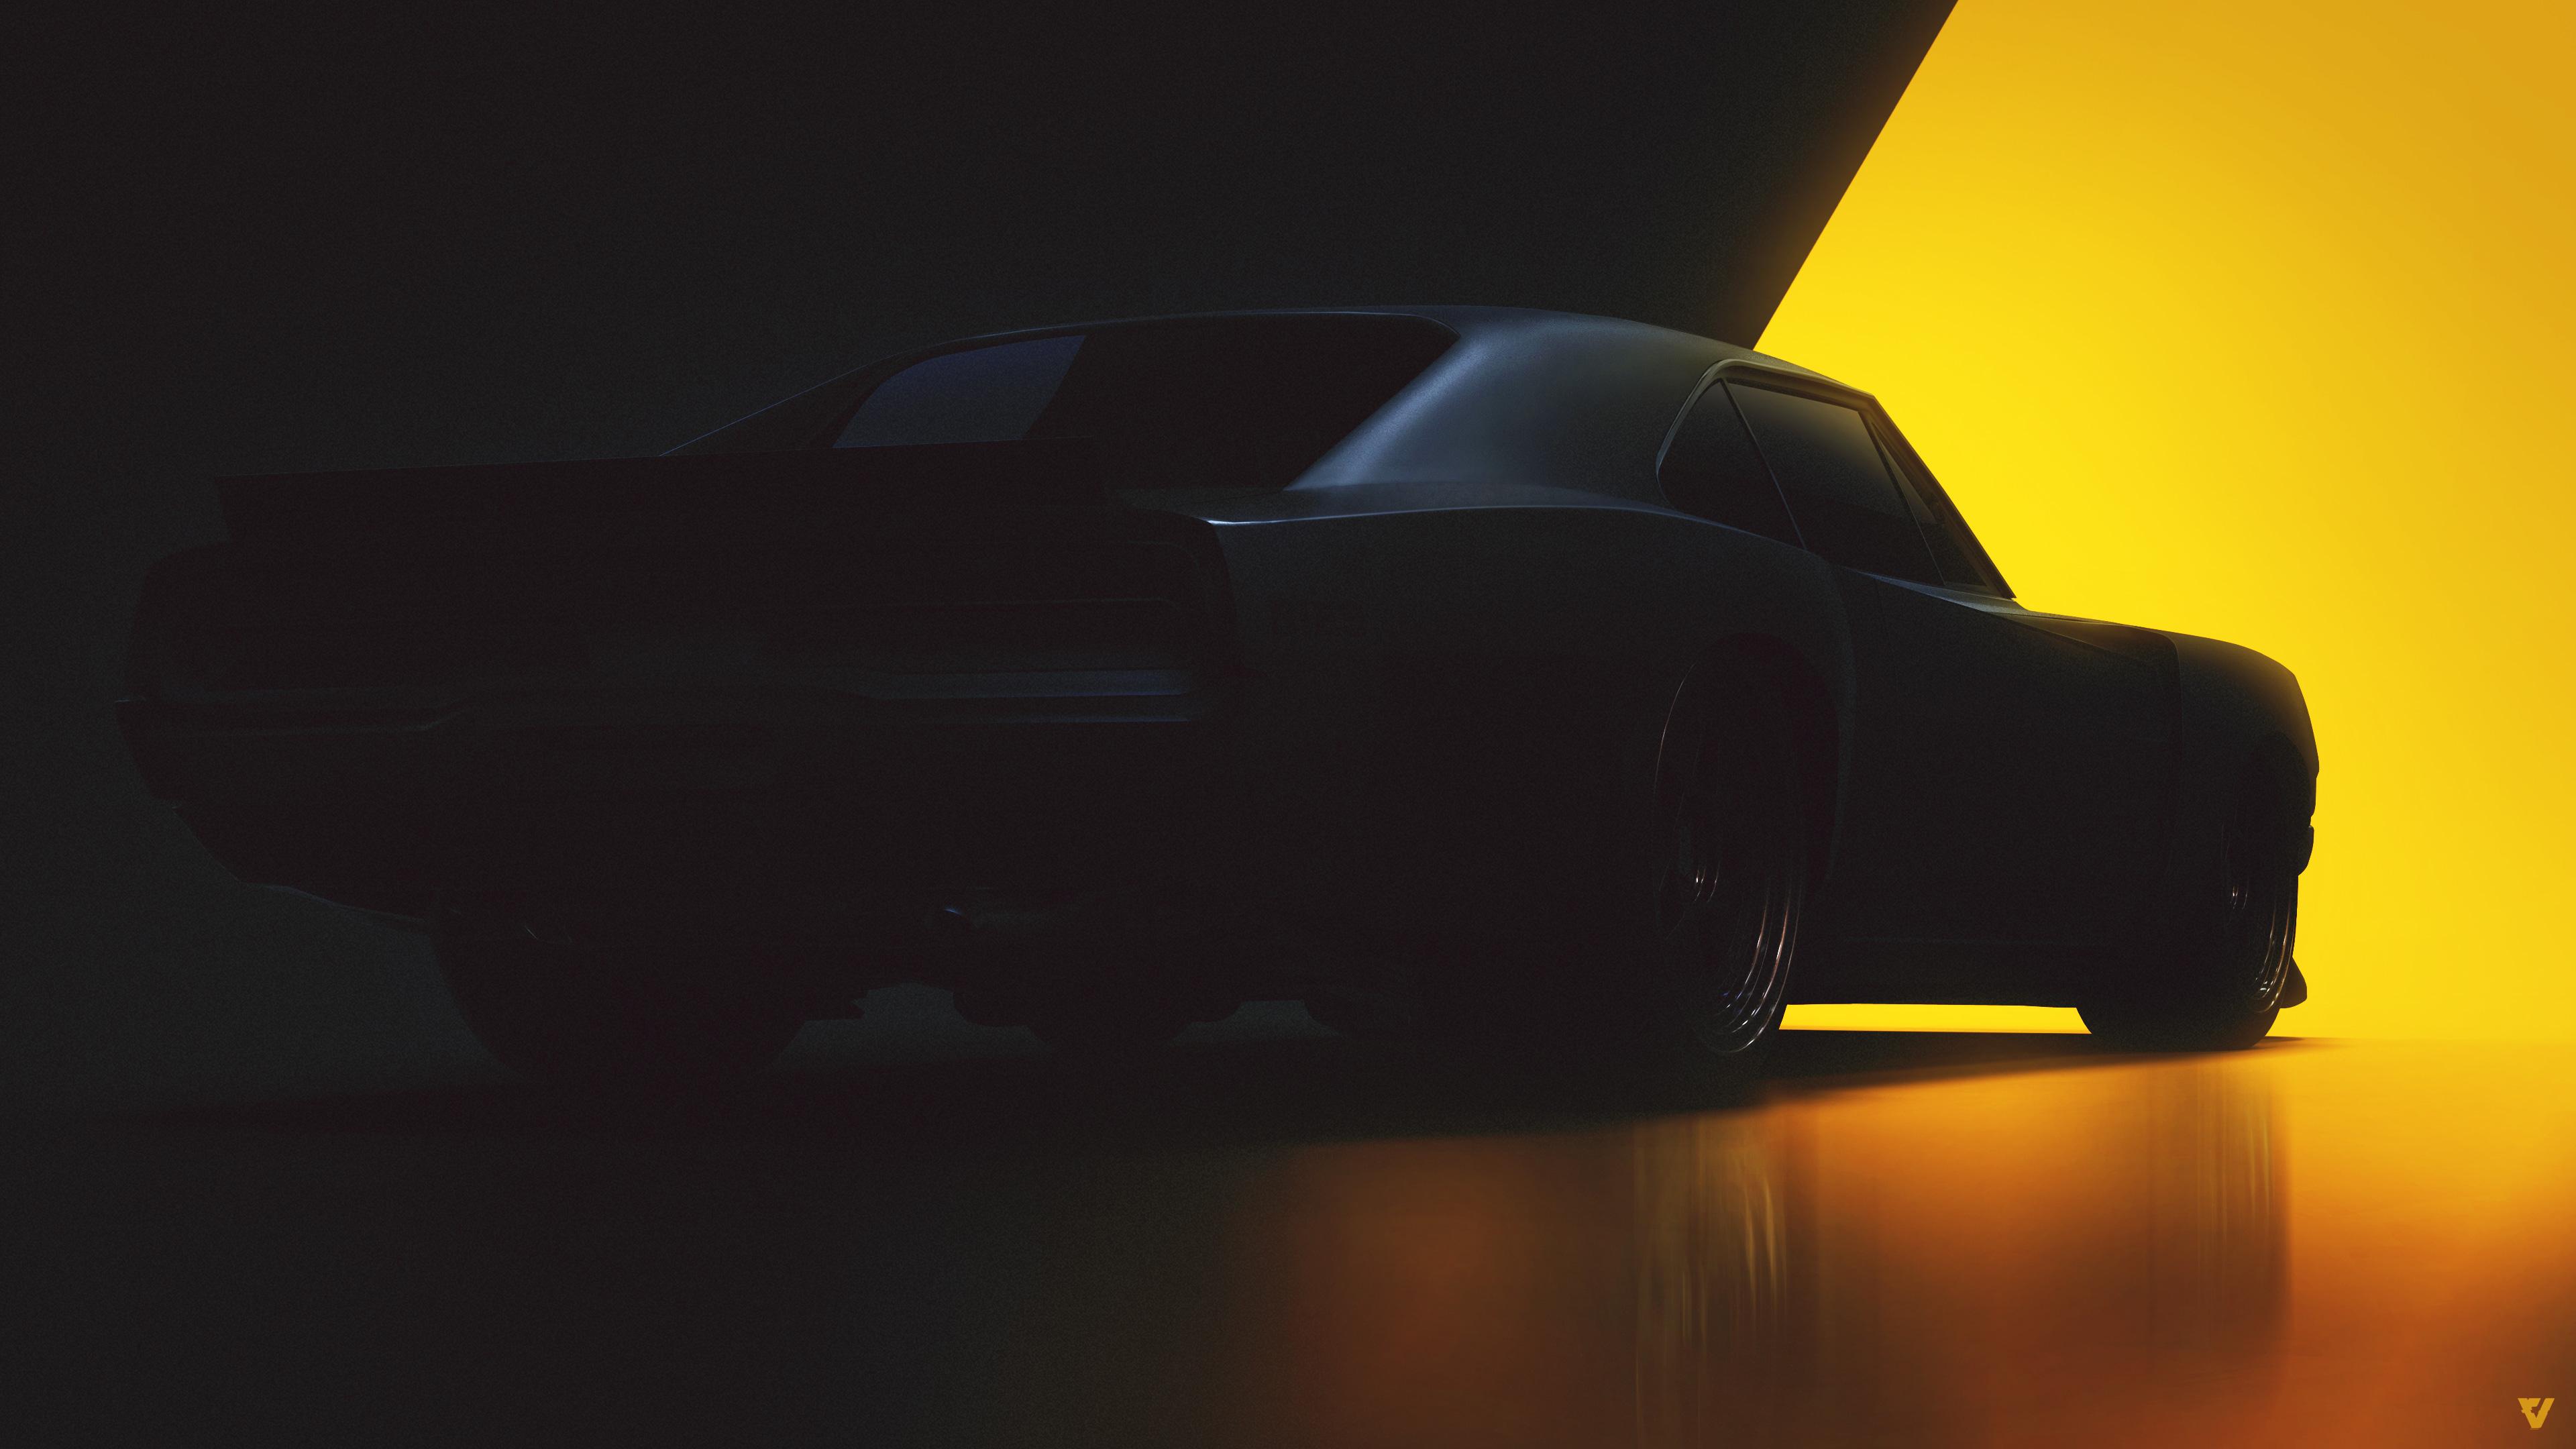 dodge charger conceptart miniamlism 4k 1540755585 - Dodge Charger Conceptart Miniamlism 4k - minimalism wallpapers, hd-wallpapers, dodge charger wallpapers, digital art wallpapers, deviantart wallpapers, concept art wallpapers, cars wallpapers, artwork wallpapers, artist wallpapers, 4k-wallpapers